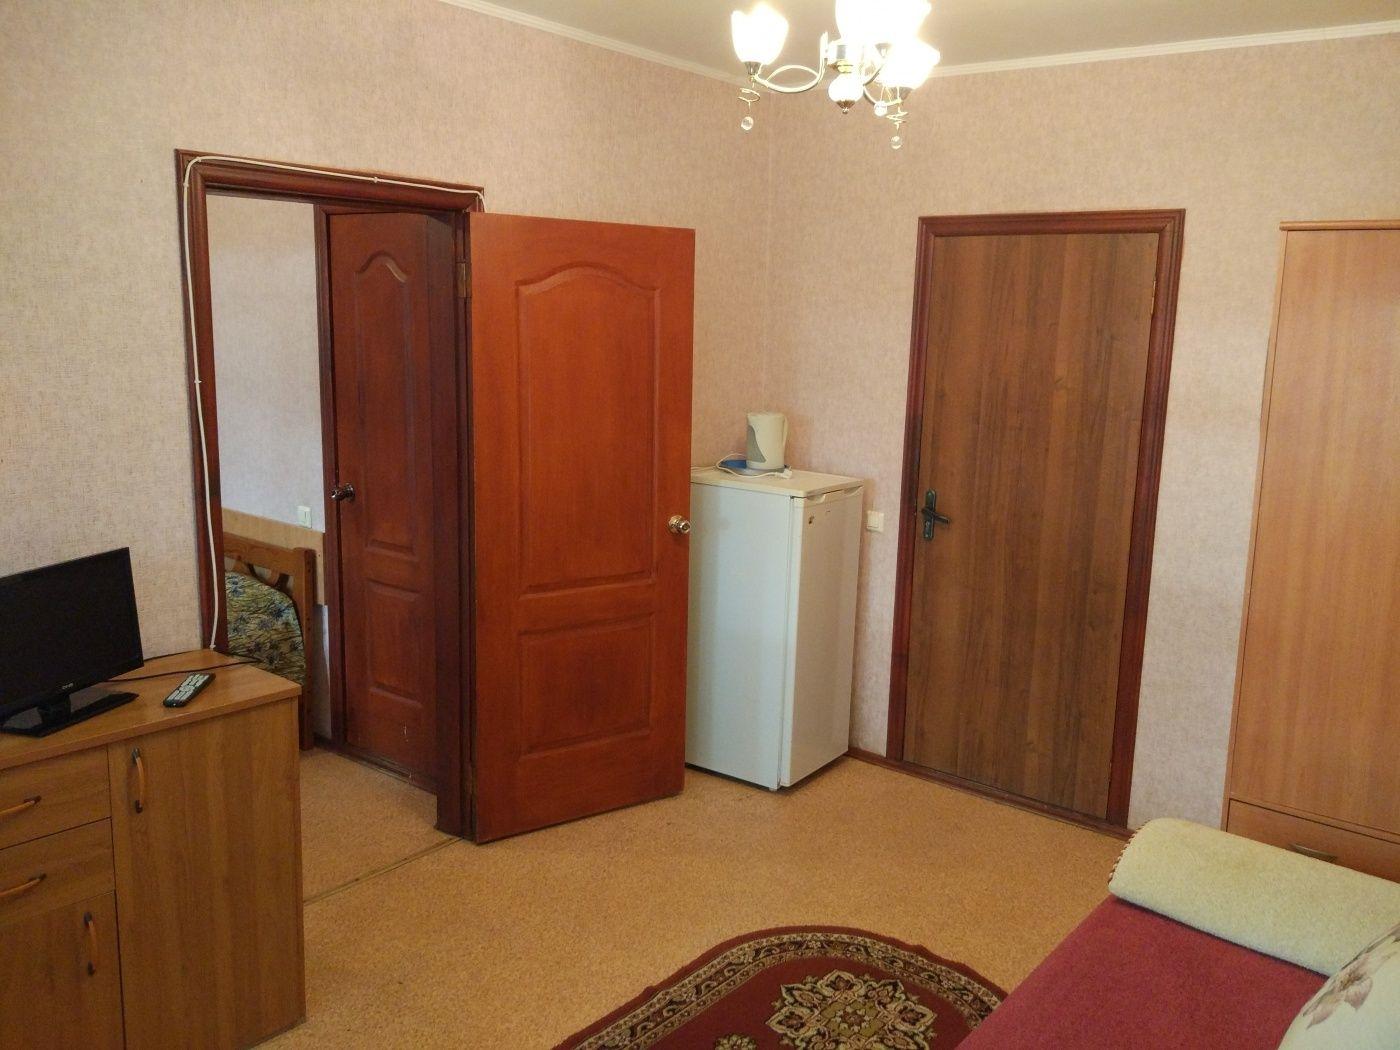 Турбаза «Домостроитель» Саратовская область 2-комнатный номер «люкс» с удобствами (корпус № 1), фото 4